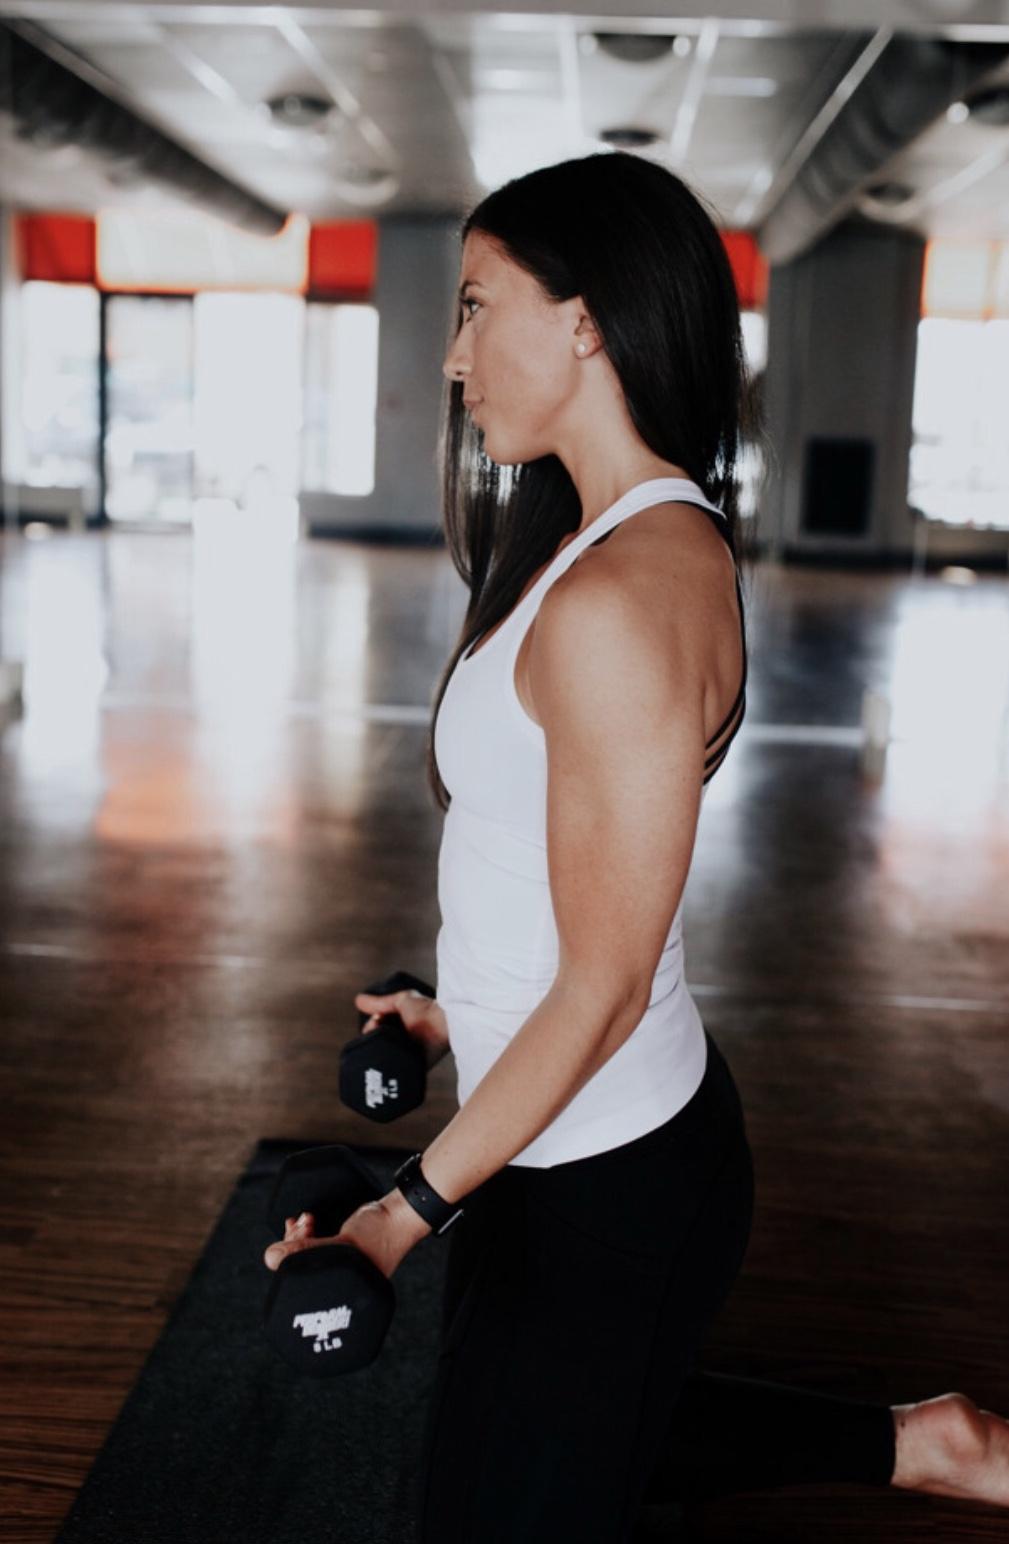 Yoga Sculpt HIIT Workout by @KWHITTTTT | Certified Yoga Sculpt Instructor 2